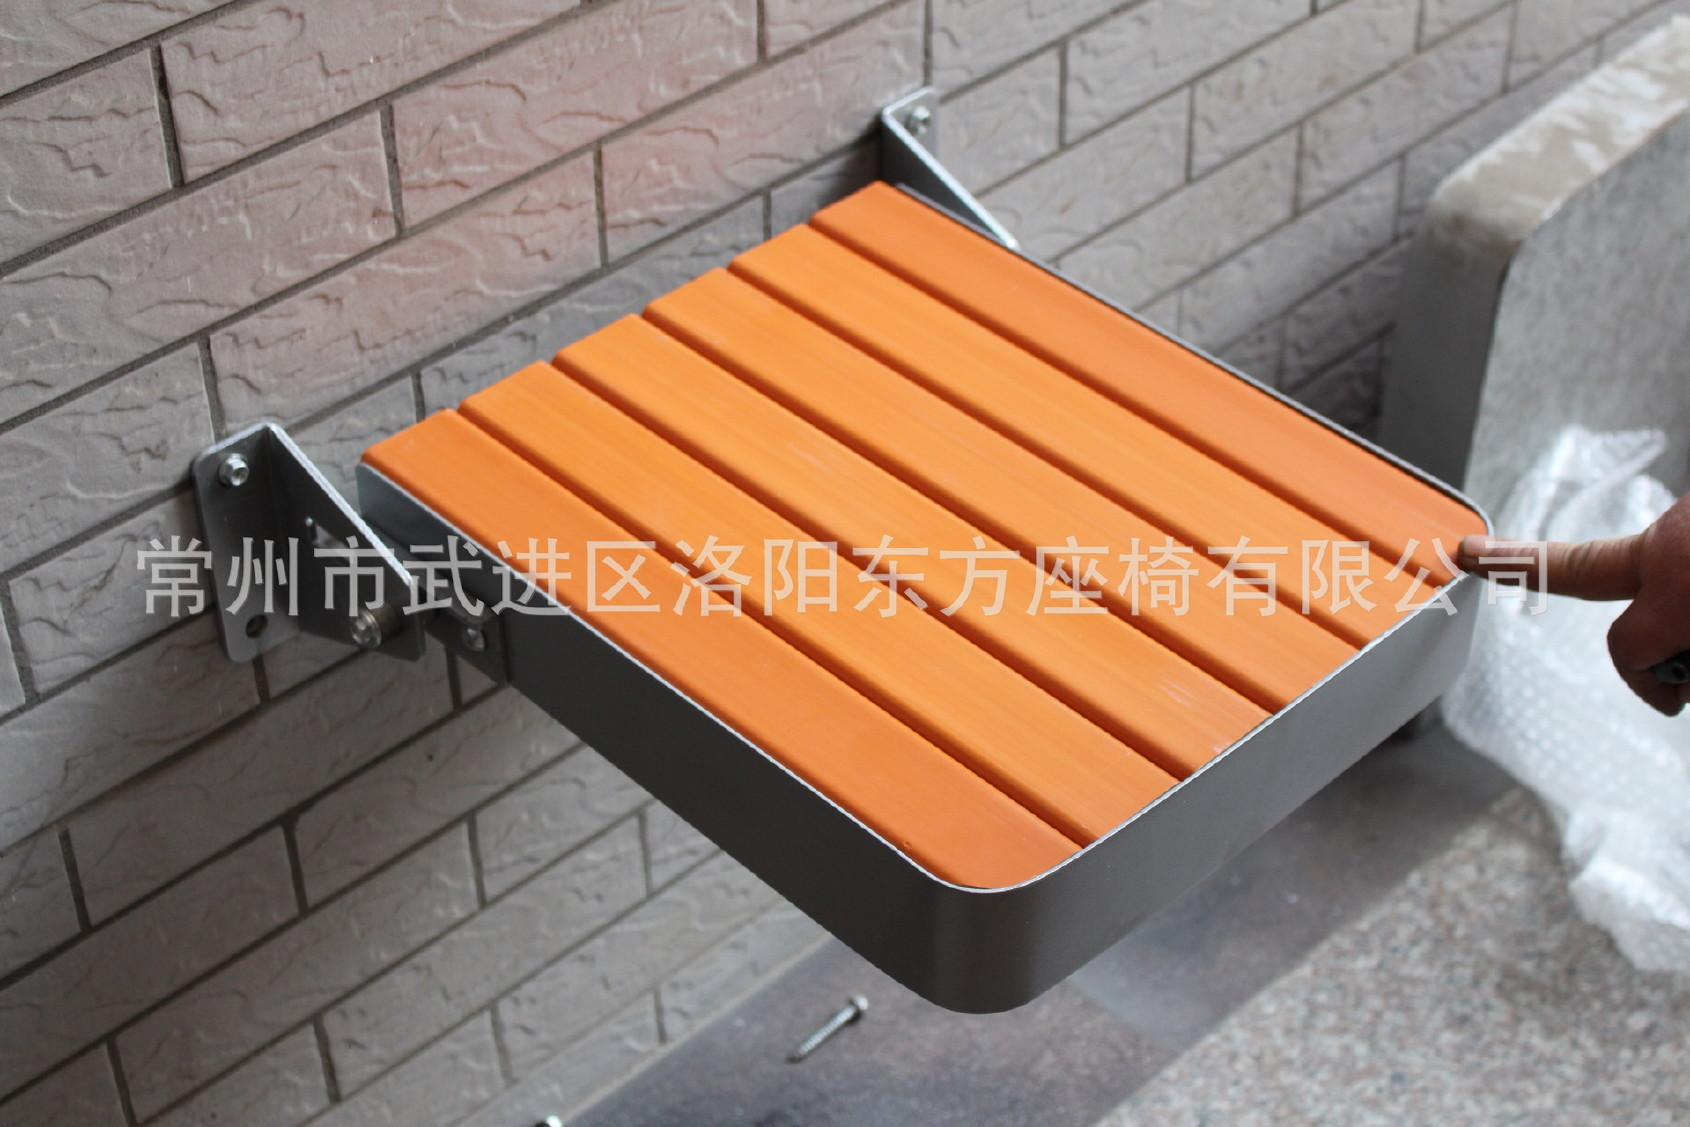 厂家生产折叠椅  救护车折叠椅  导游椅  汽车座椅  船舶座椅配件图片